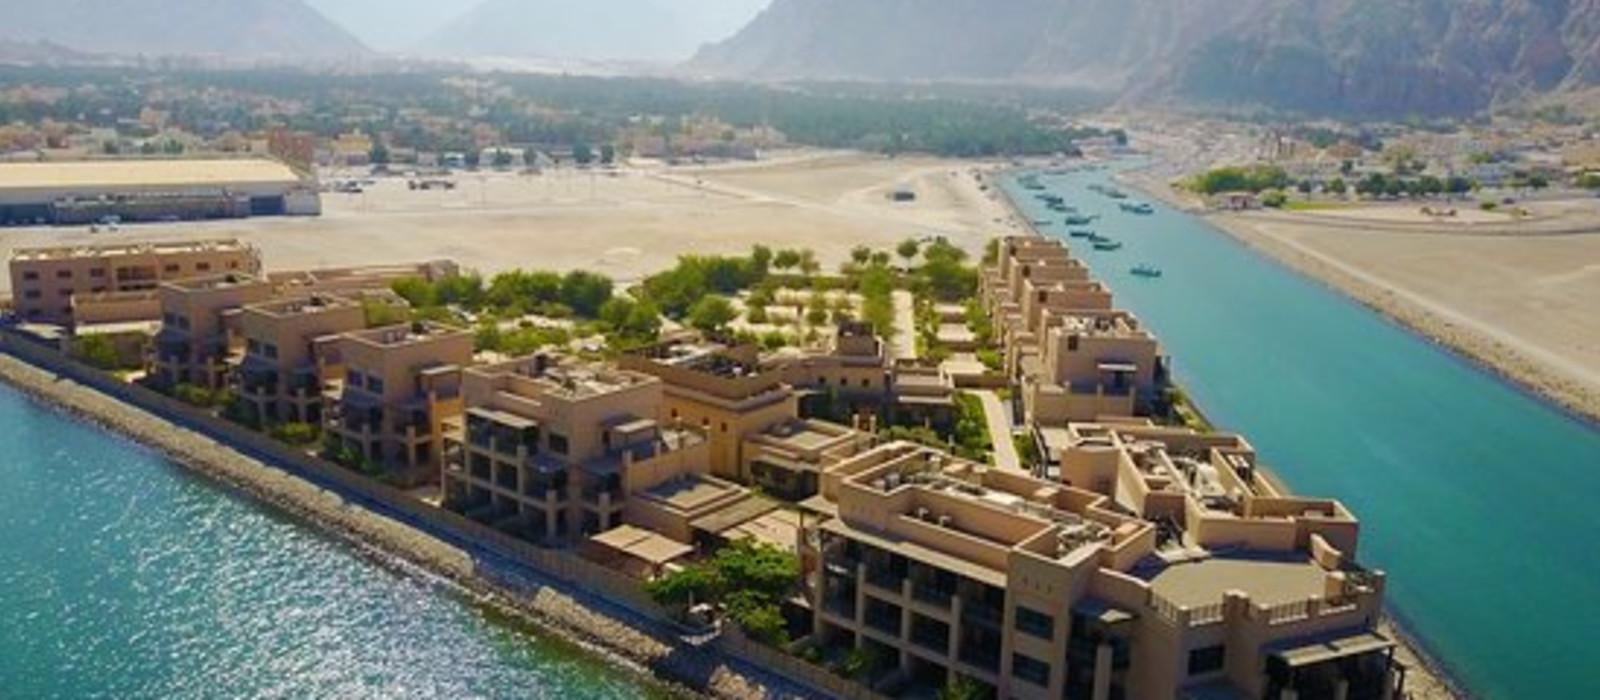 Hotel Atana Musandam Resort Oman